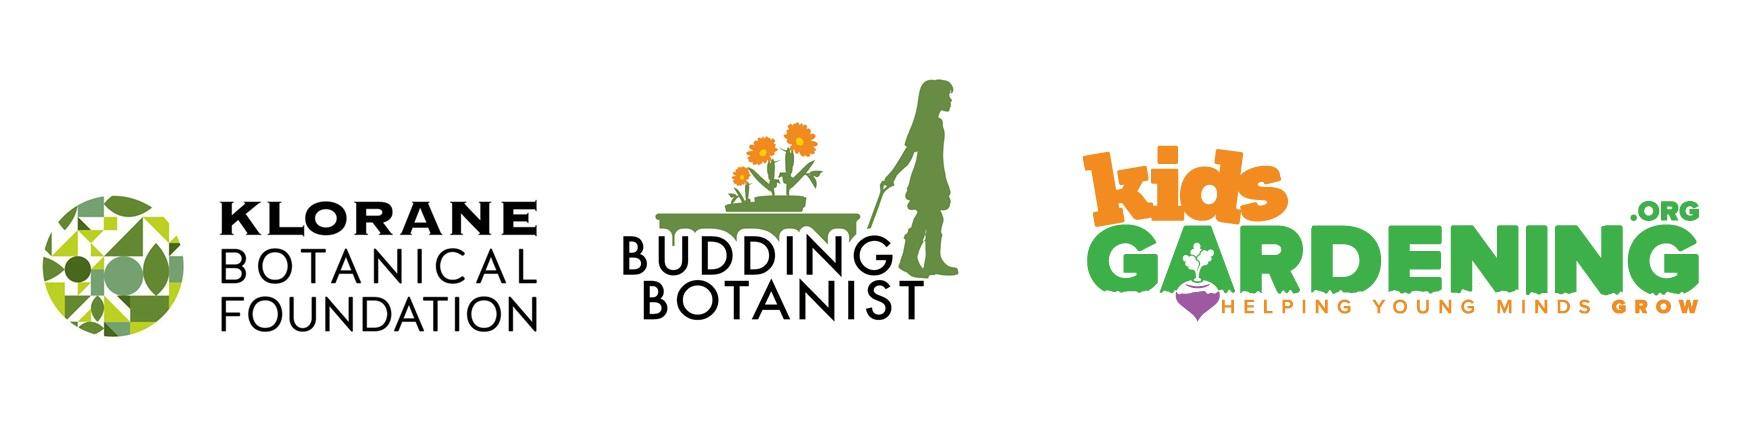 Budding Botanist 2018 Grant Winners Announced